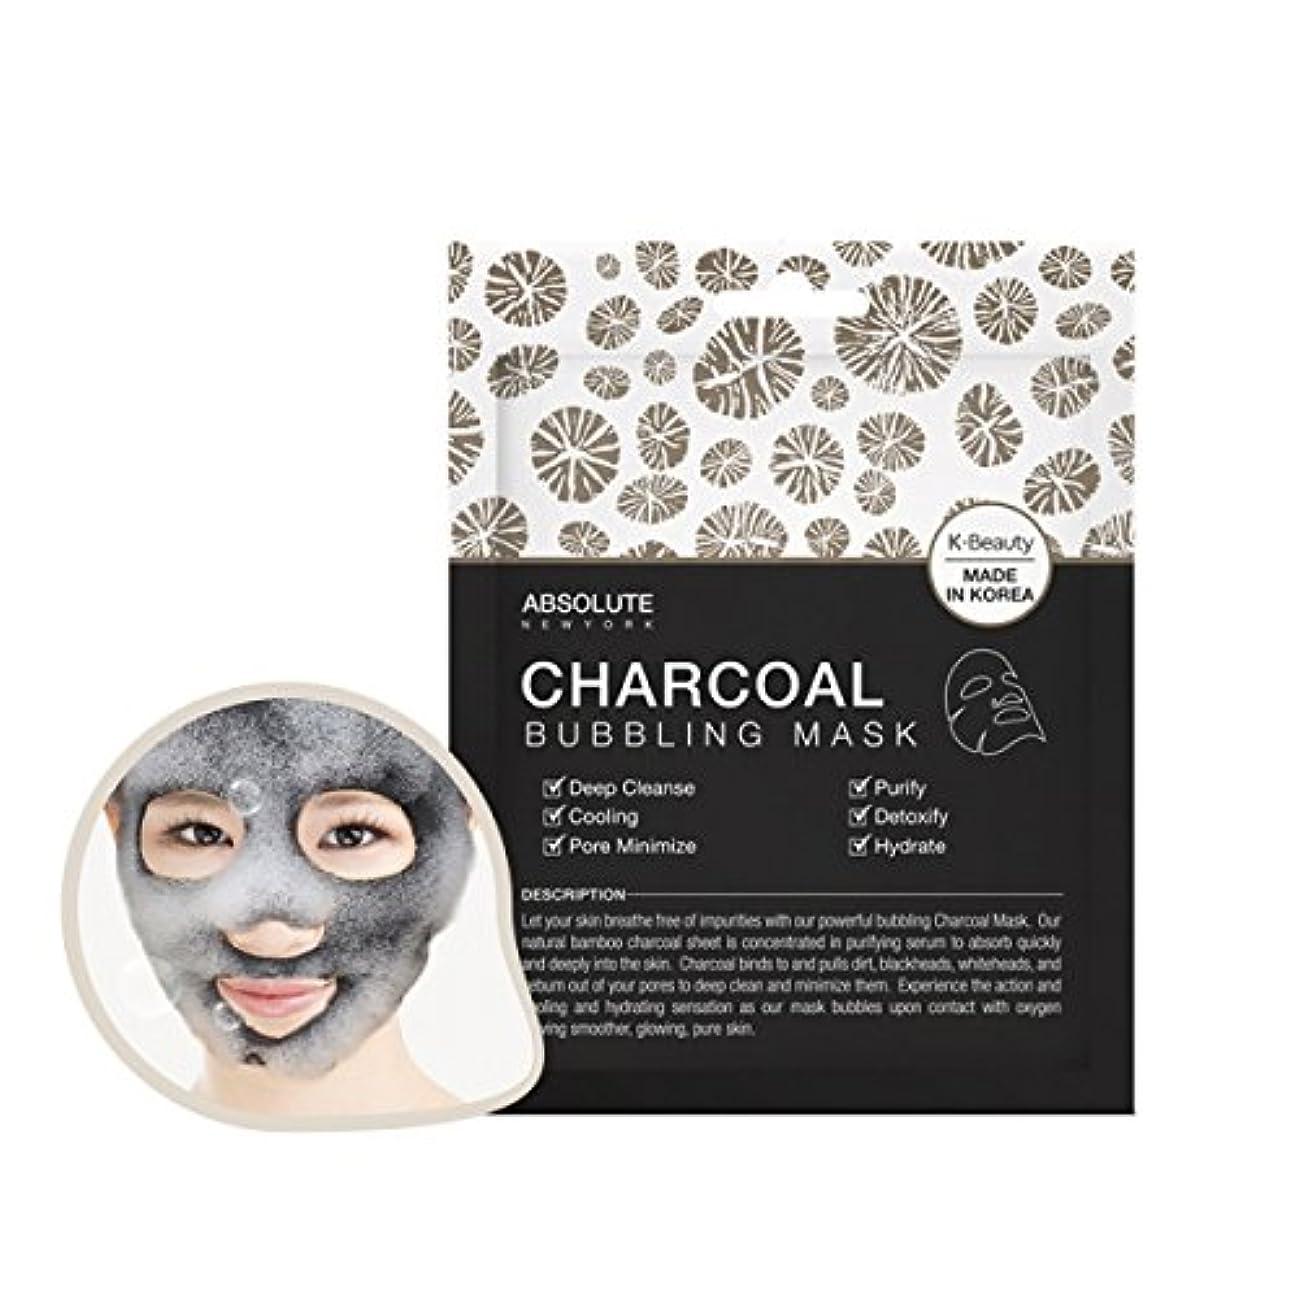 特別な咳退屈させる(3 Pack) ABSOLUTE Charcoal Bubbling Mask (並行輸入品)